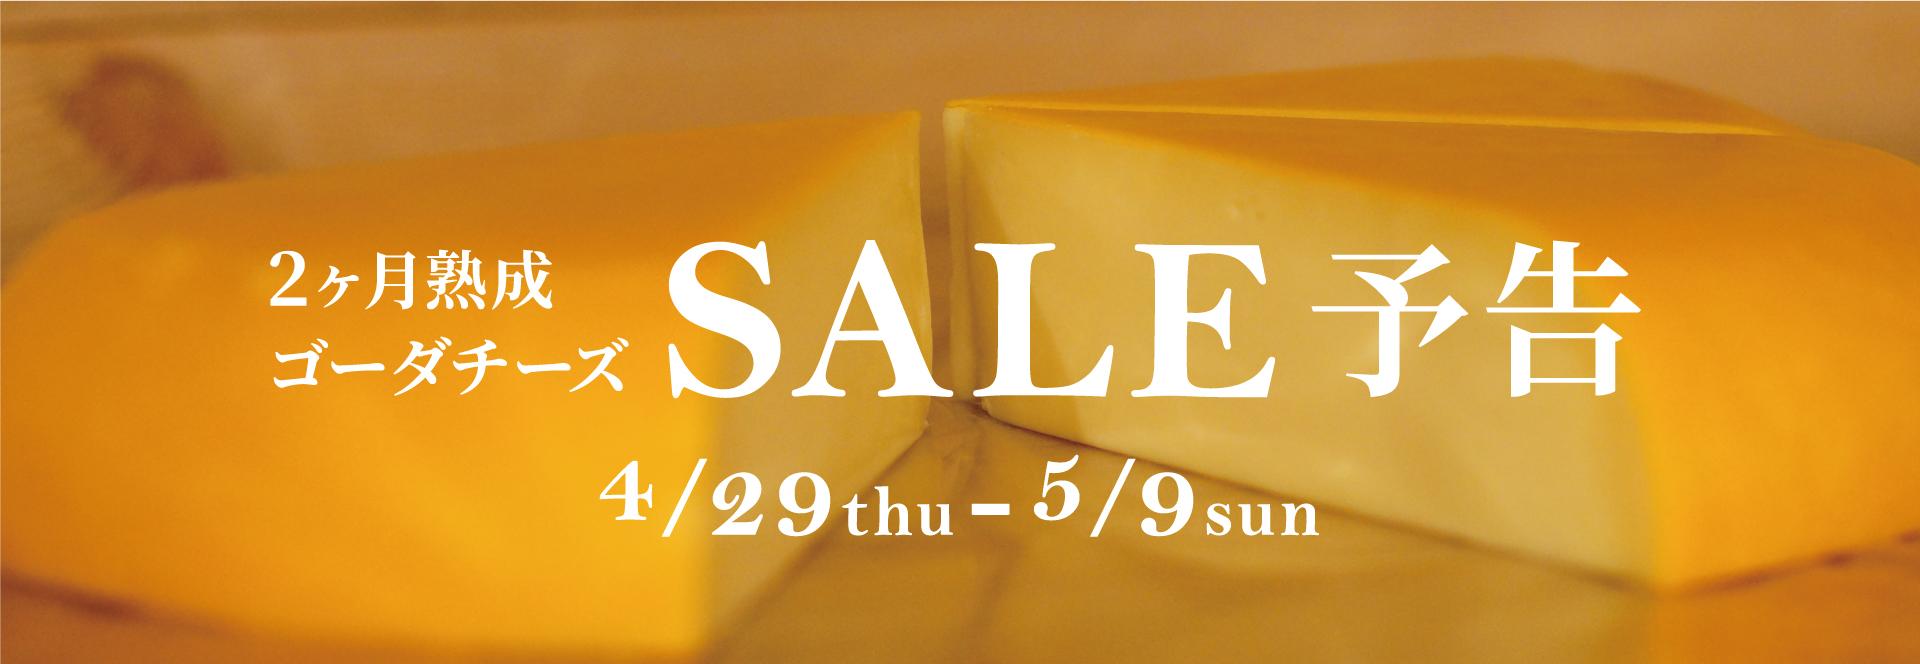 【SALE予告】GWゴーダチーズセール開催します!